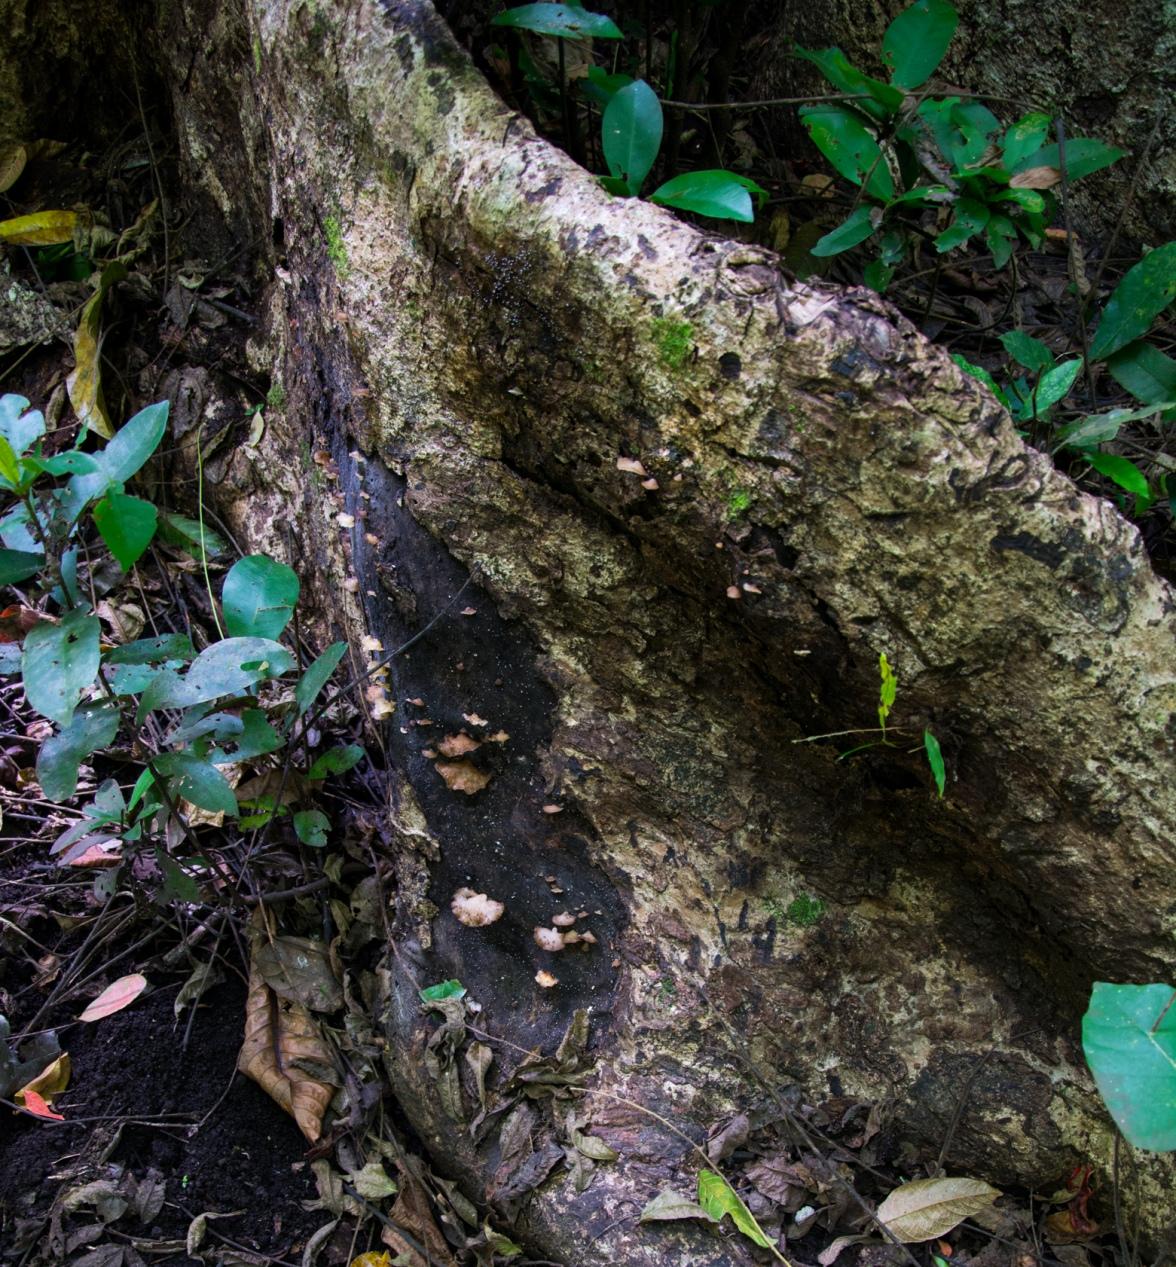 Mushrooms banyan tree